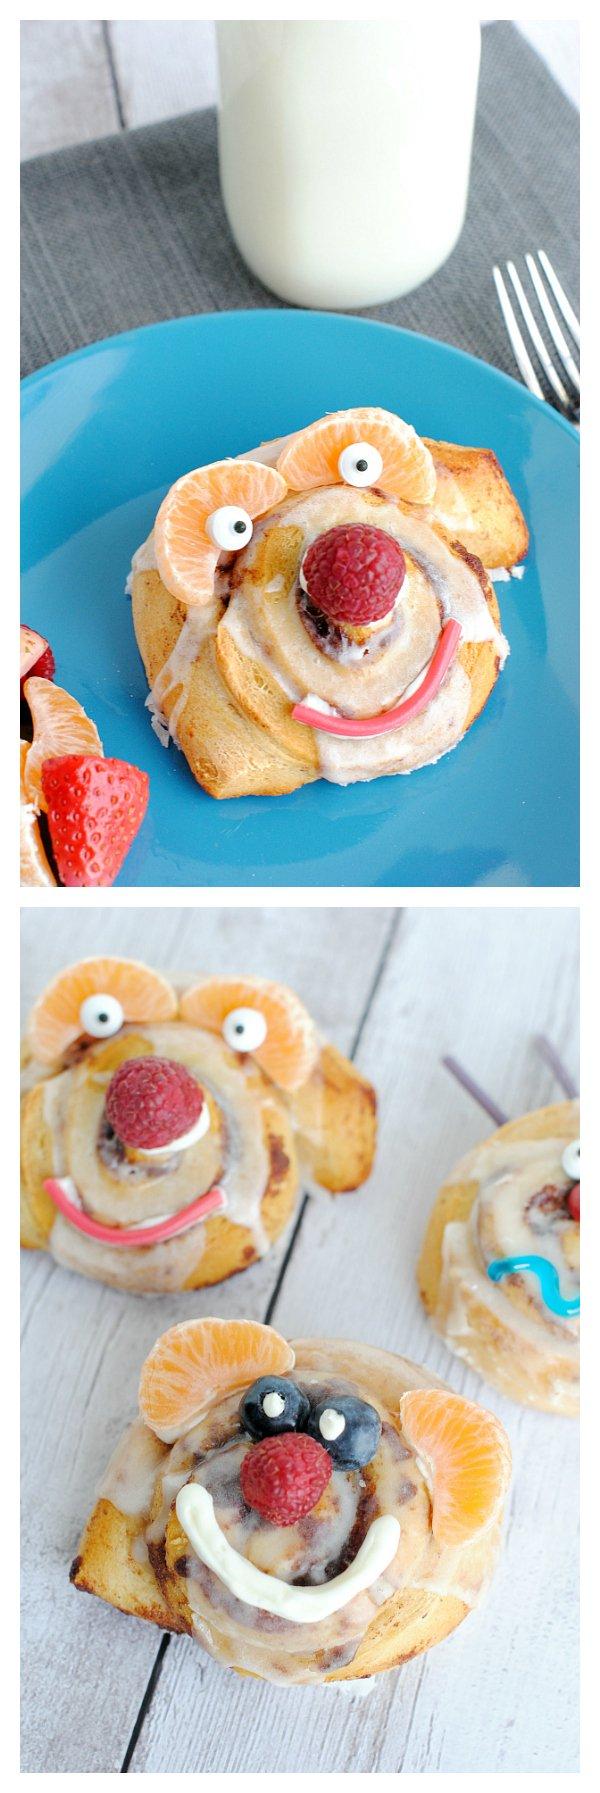 Funny Face Cinnamon Rolls-Fun Breakfast Idea for Kids!